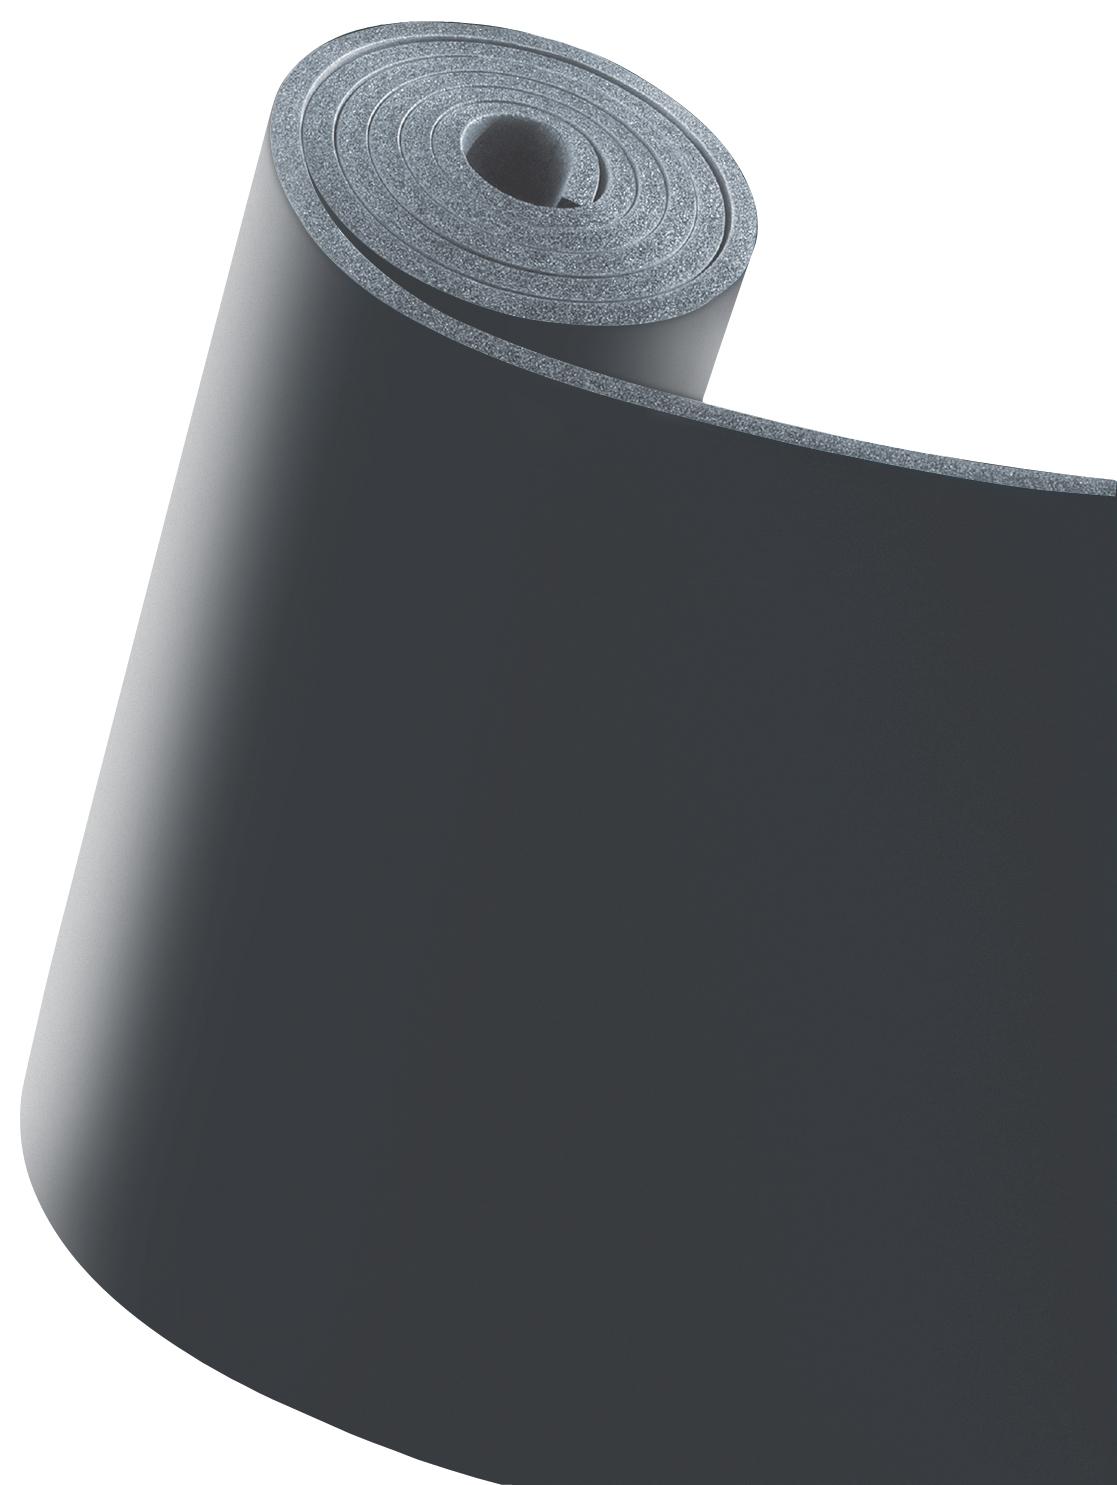 Рулон K-Flex ST толщина 13мм